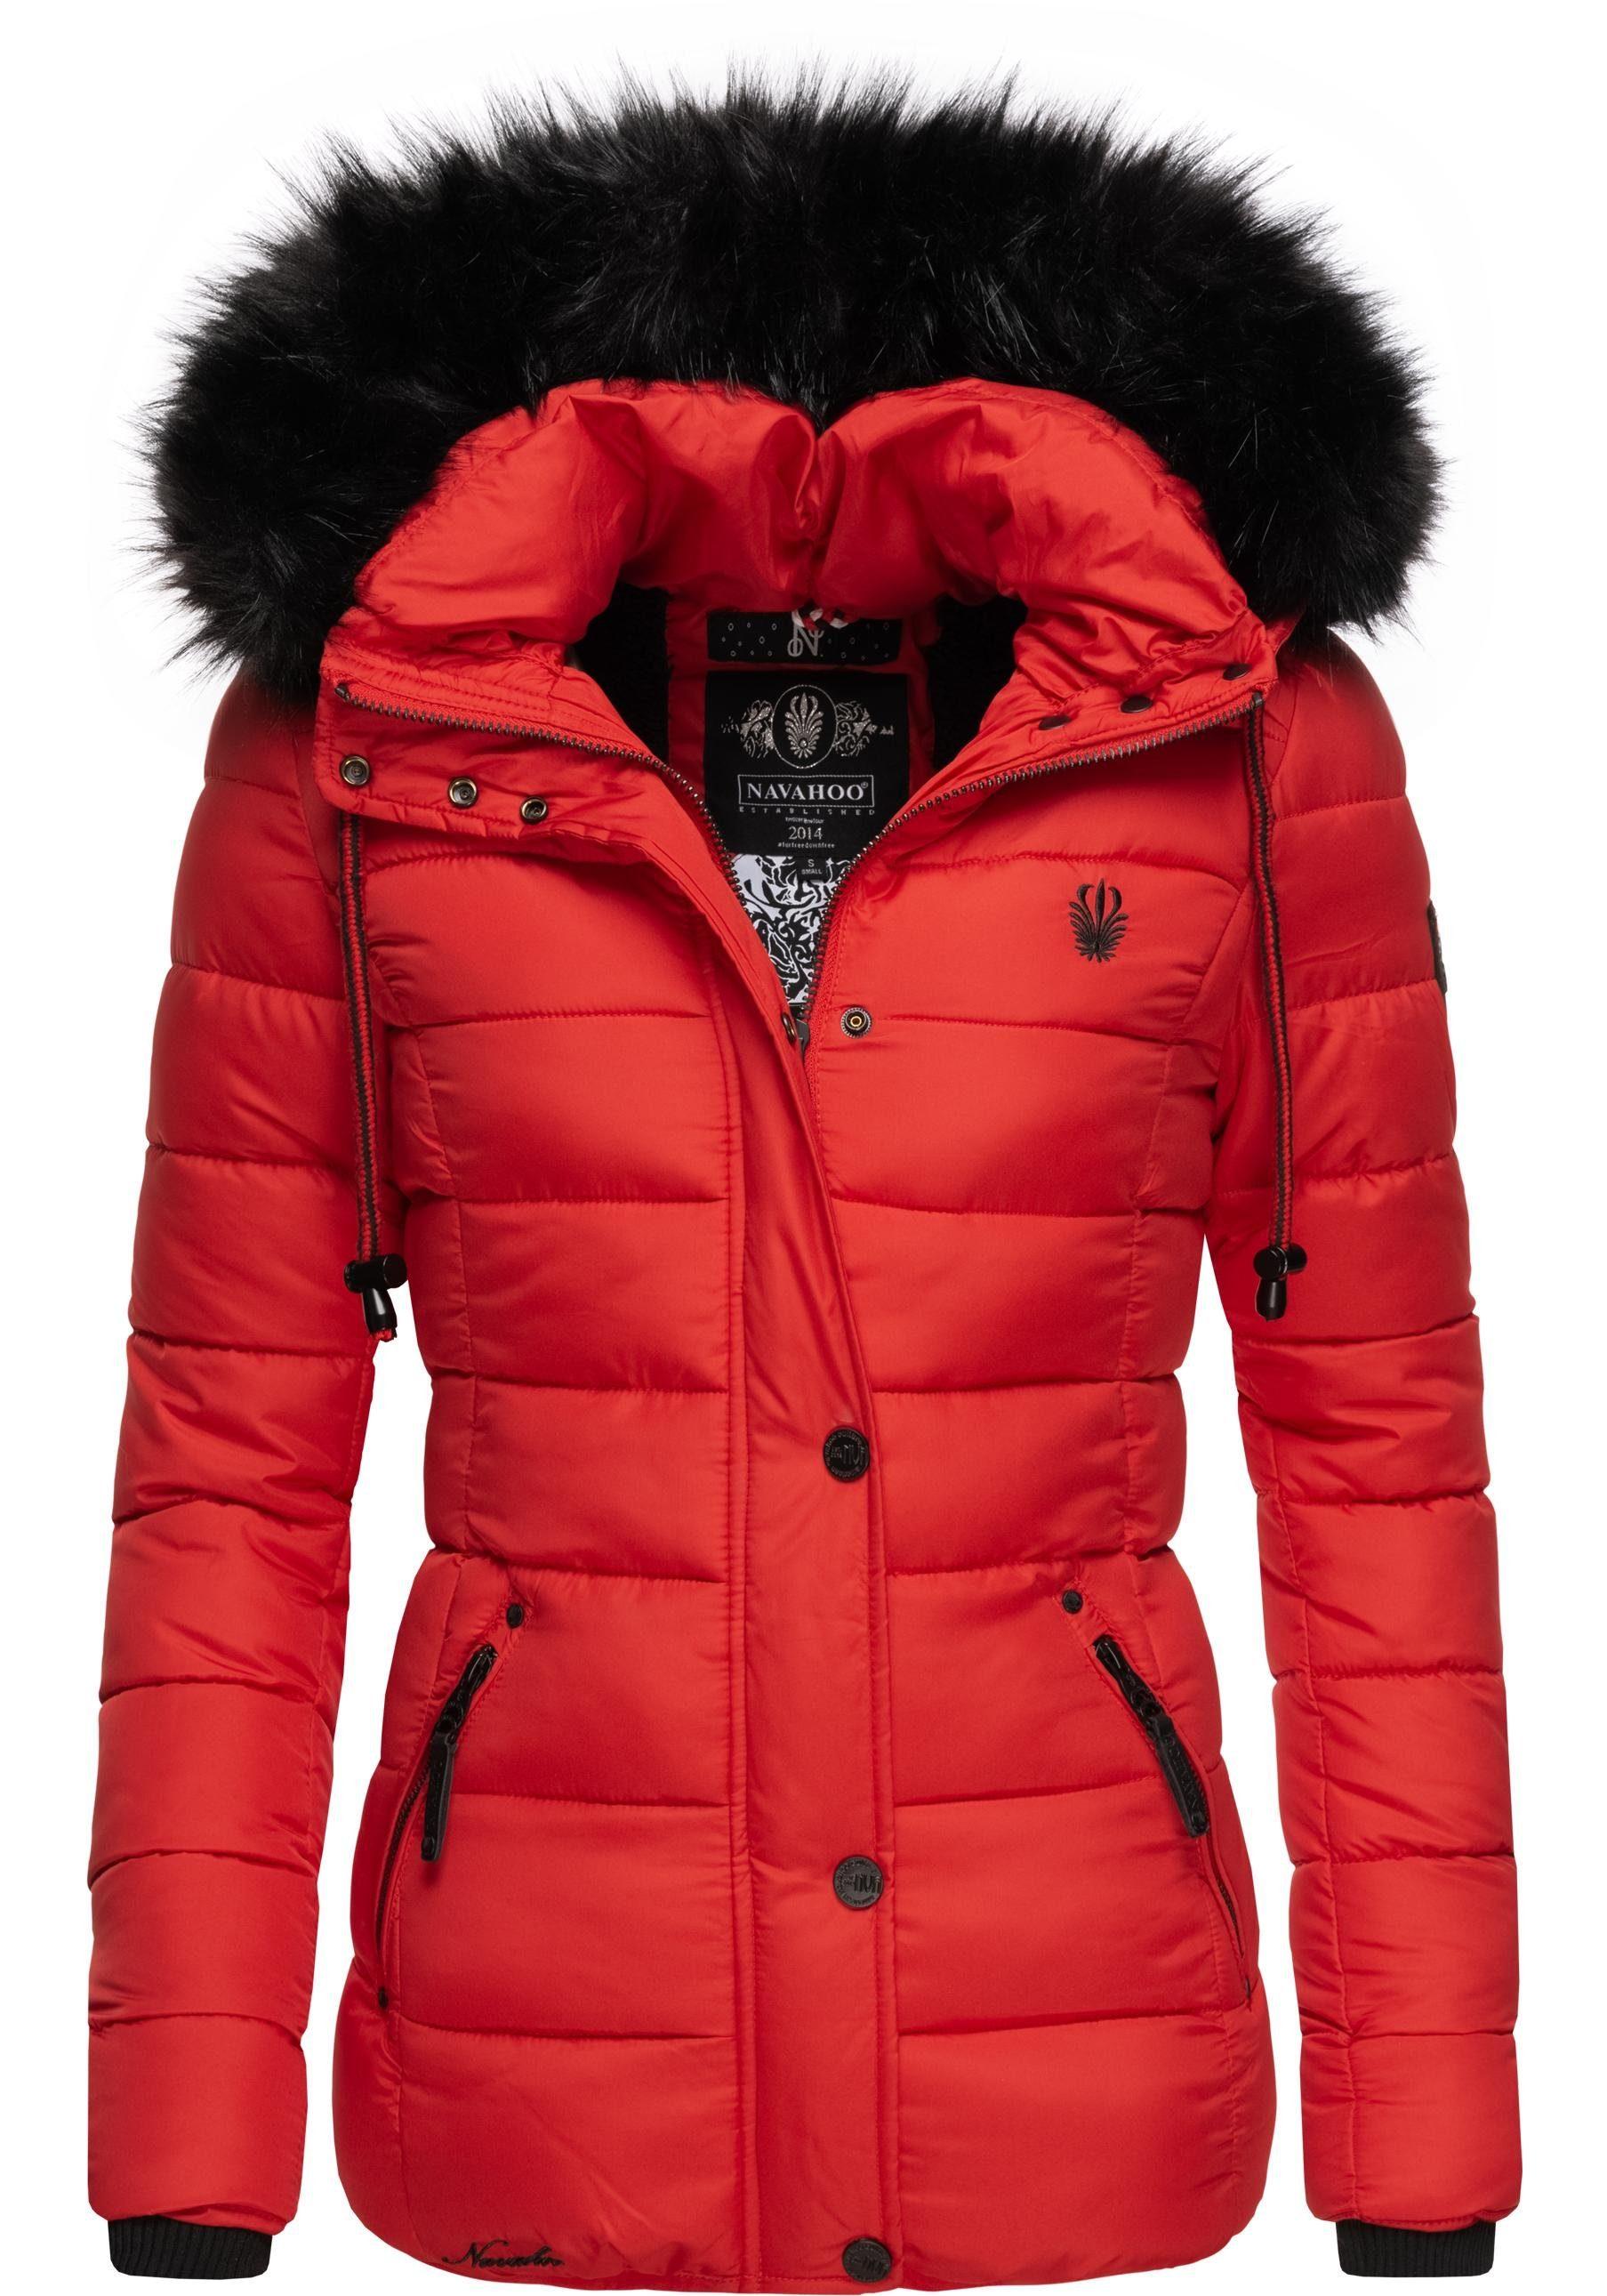 Marikoo Damen Winterjacke Stepp Jacke Sole 9 Farben XS XXL